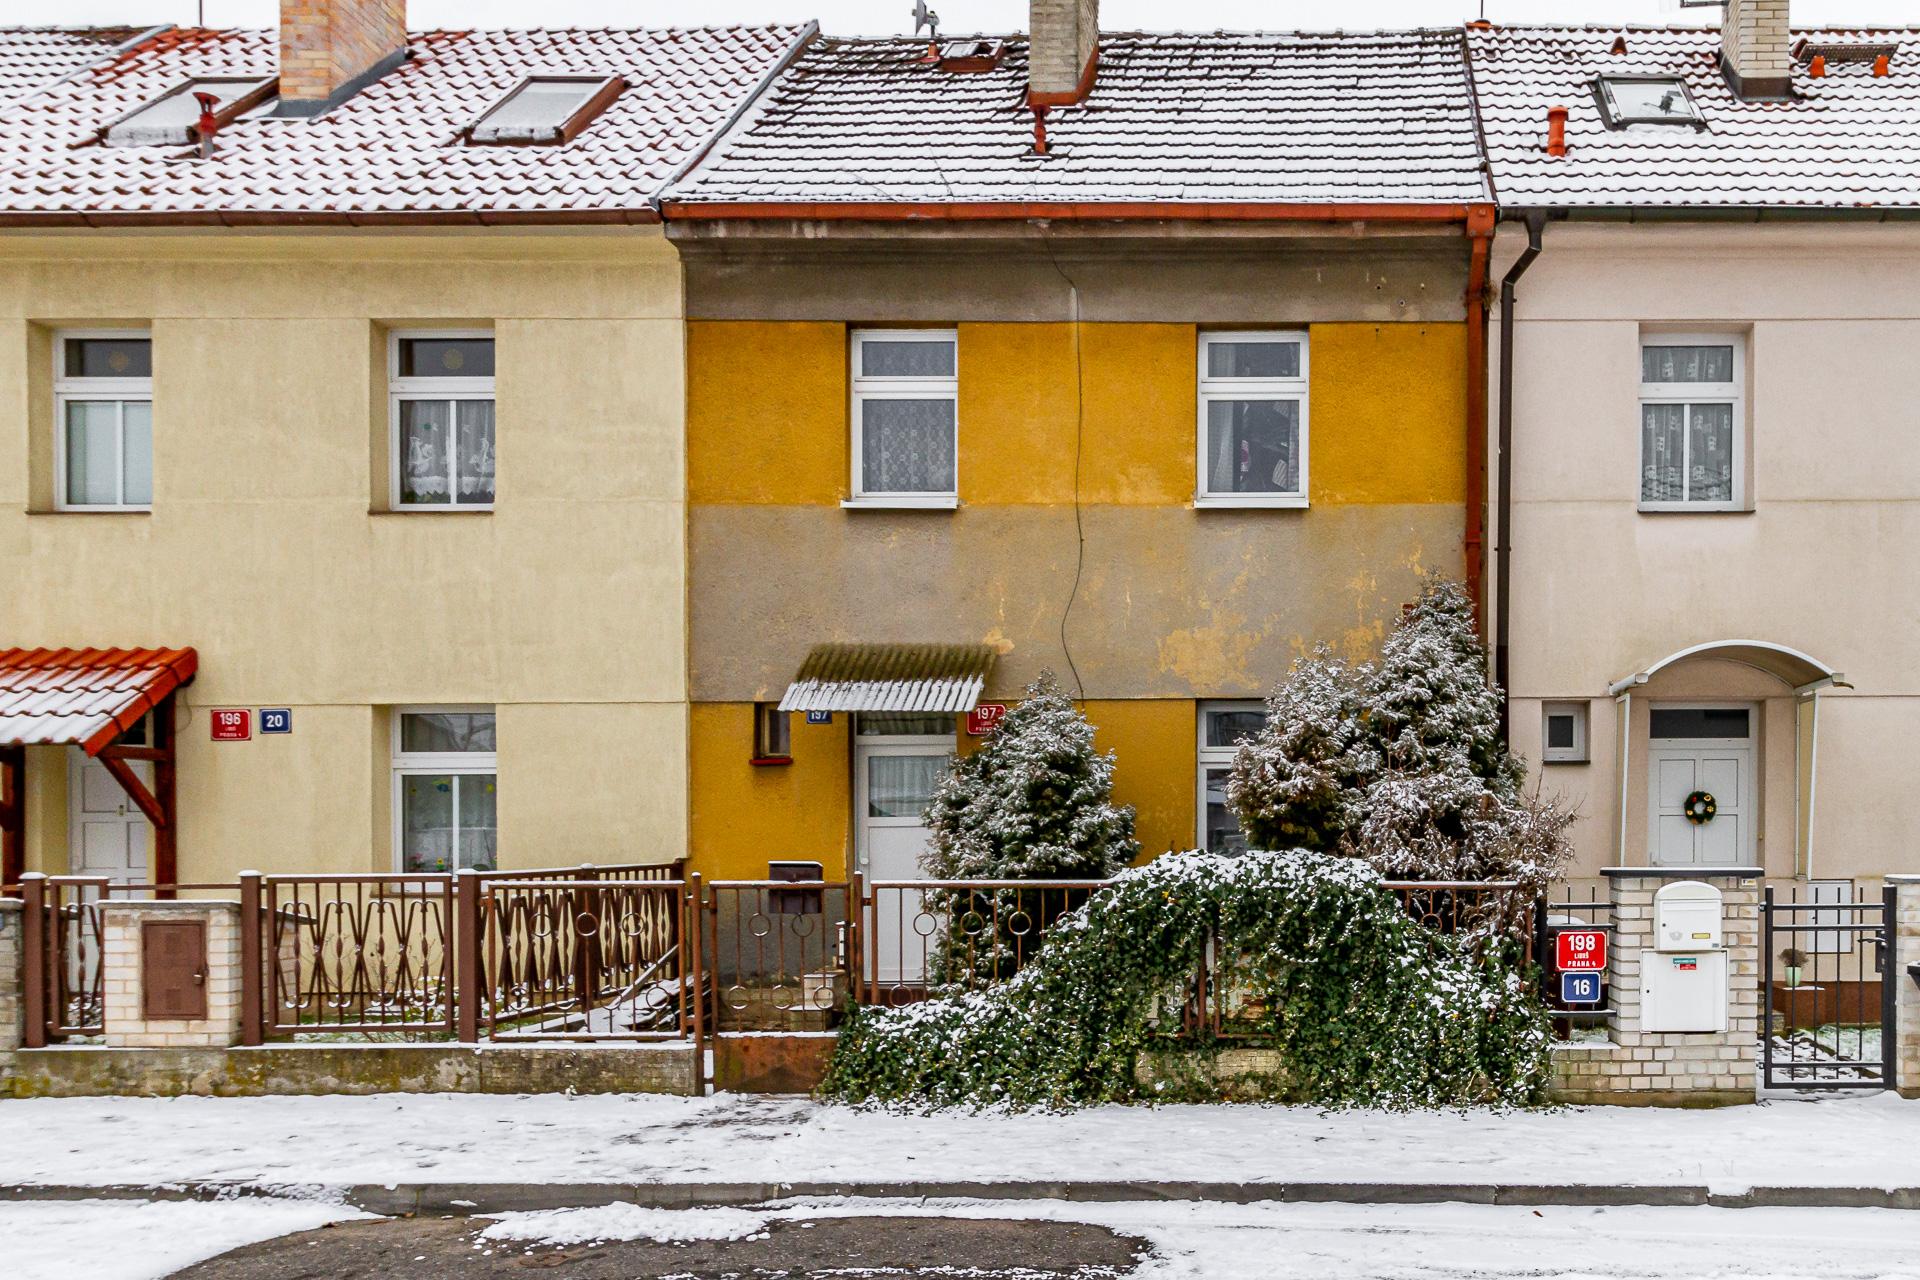 Pohled na dům z ulice